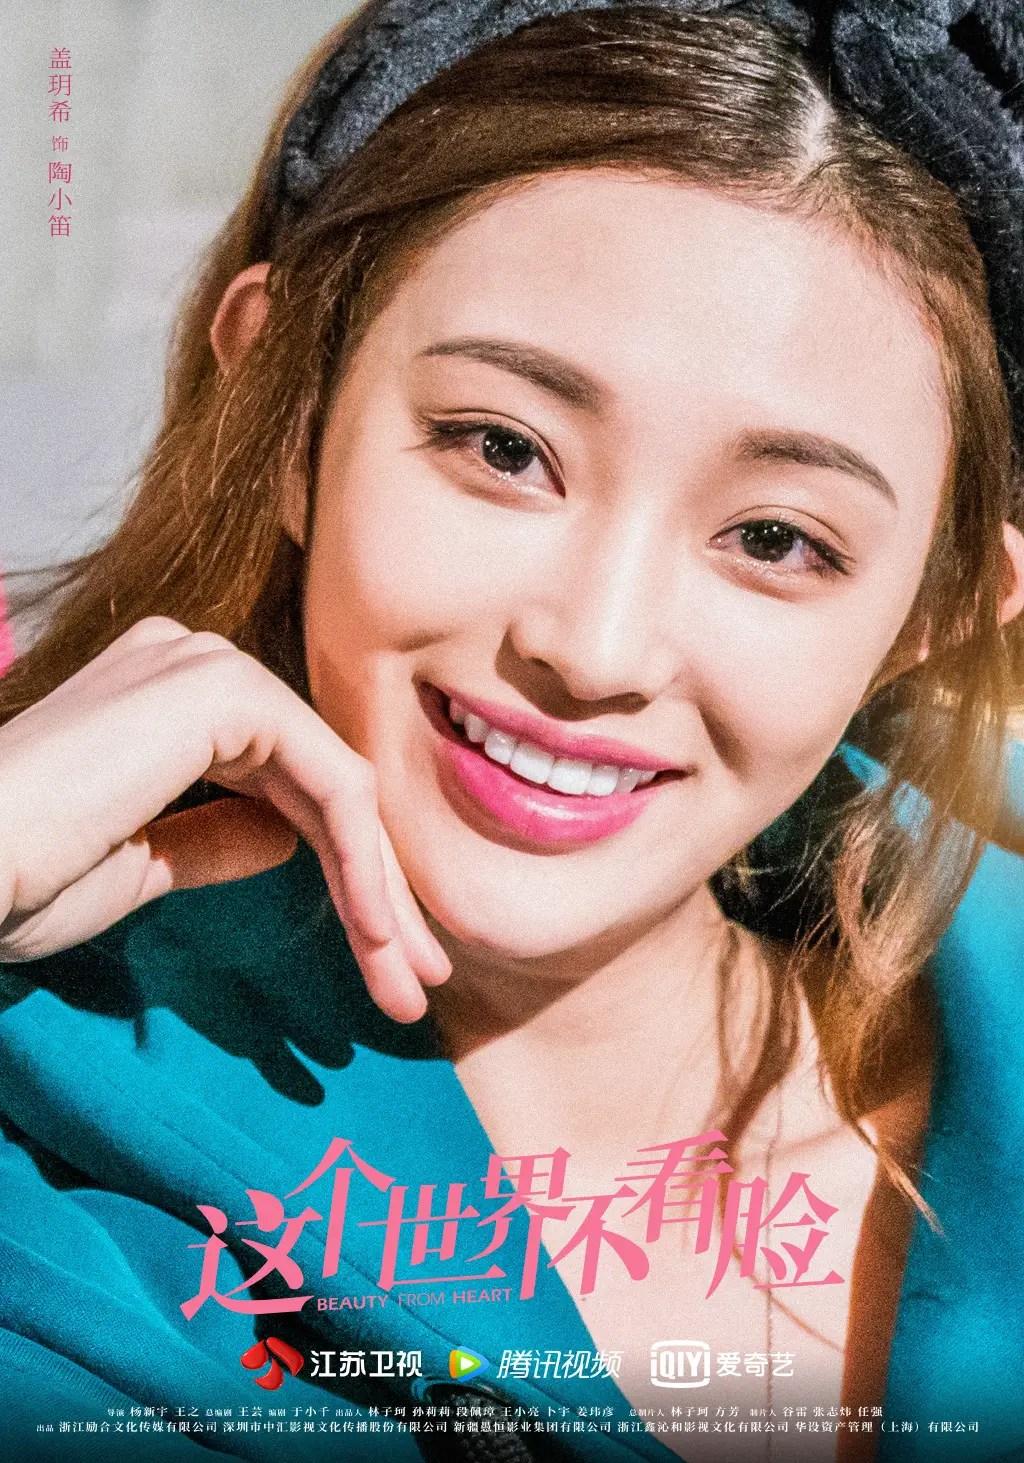 Gai Yue Xi